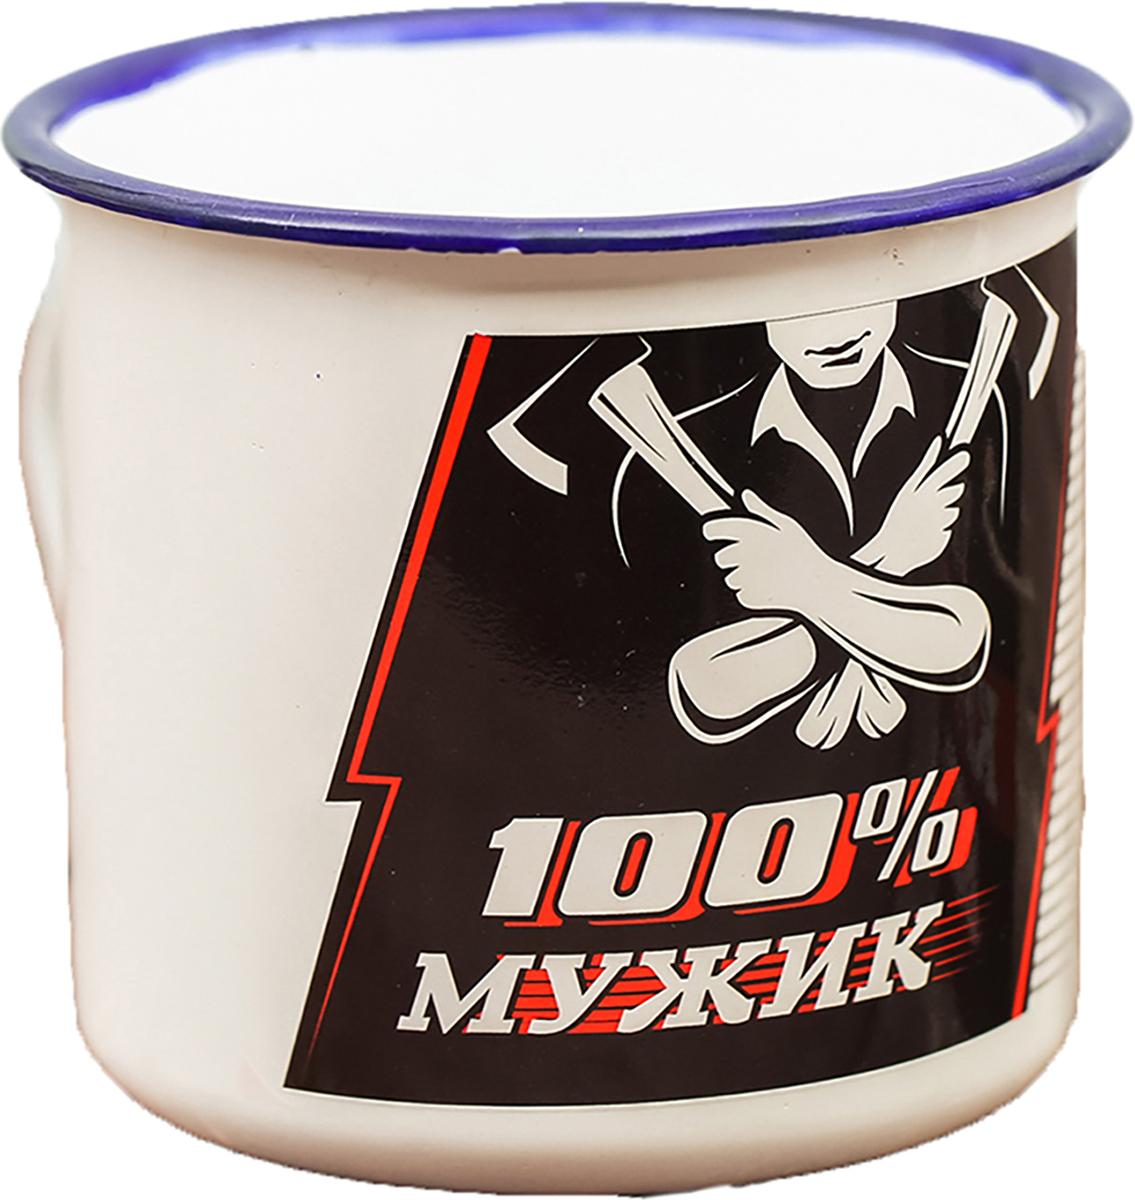 Кружка Sima-Land 100% мужик, 350 мл. 21961032196103Порадуйте близких кружкой в винтажном стиле. Такой аксессуар - символ целой эпохи, о которой у многих остались самые теплые воспоминания. Изделие не разобьется, его легко мыть.Особенности:- не впитывает запахов,- краска не сходит со временем,- ручка не нагревается от горячей жидкости.Рекомендуется использовать неабразивные моющие средства.